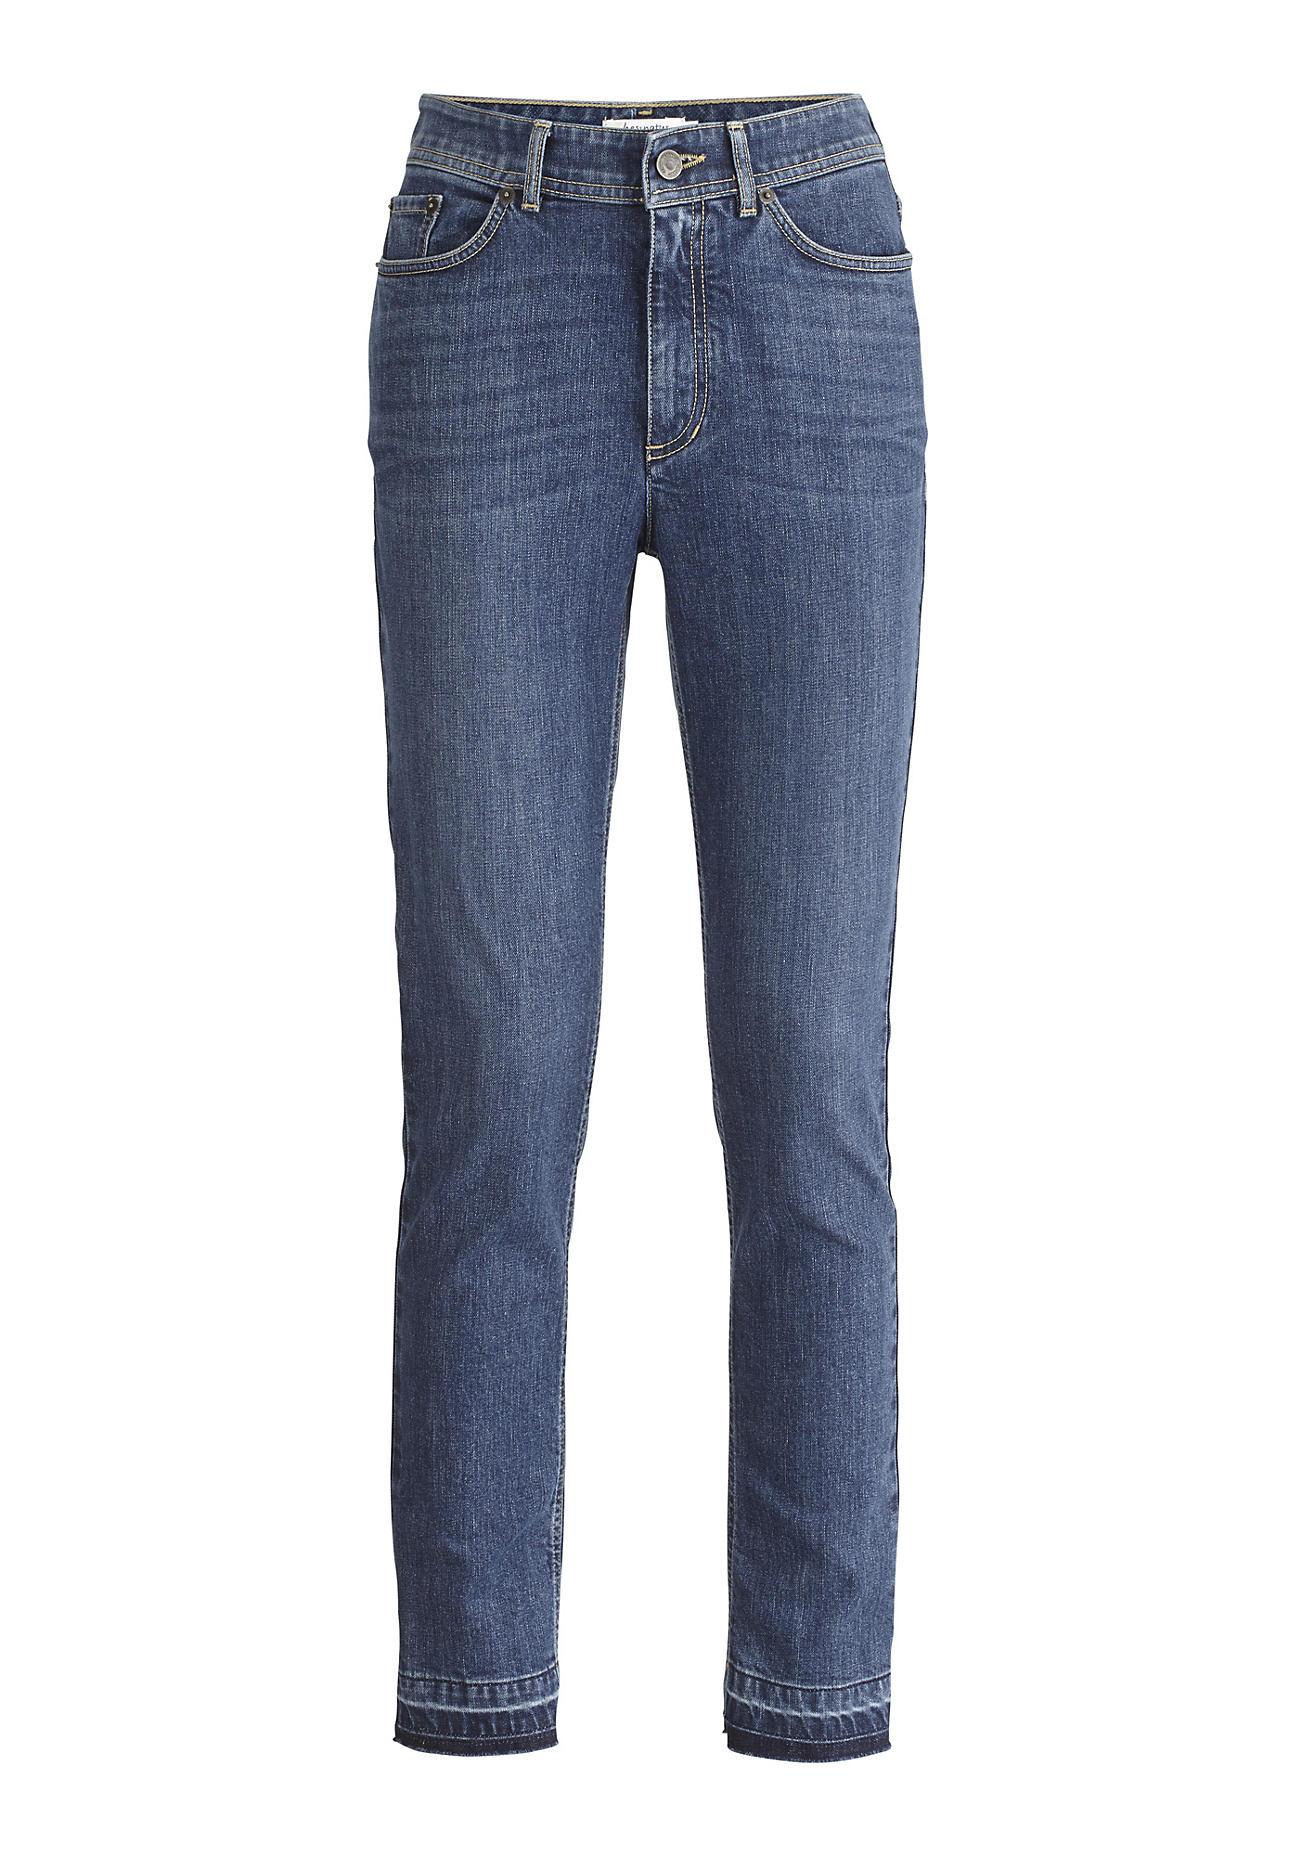 Hosen - hessnatur Damen Jeans Slim Fit Mid Waist aus Bio Denim – blau –  - Onlineshop Hessnatur